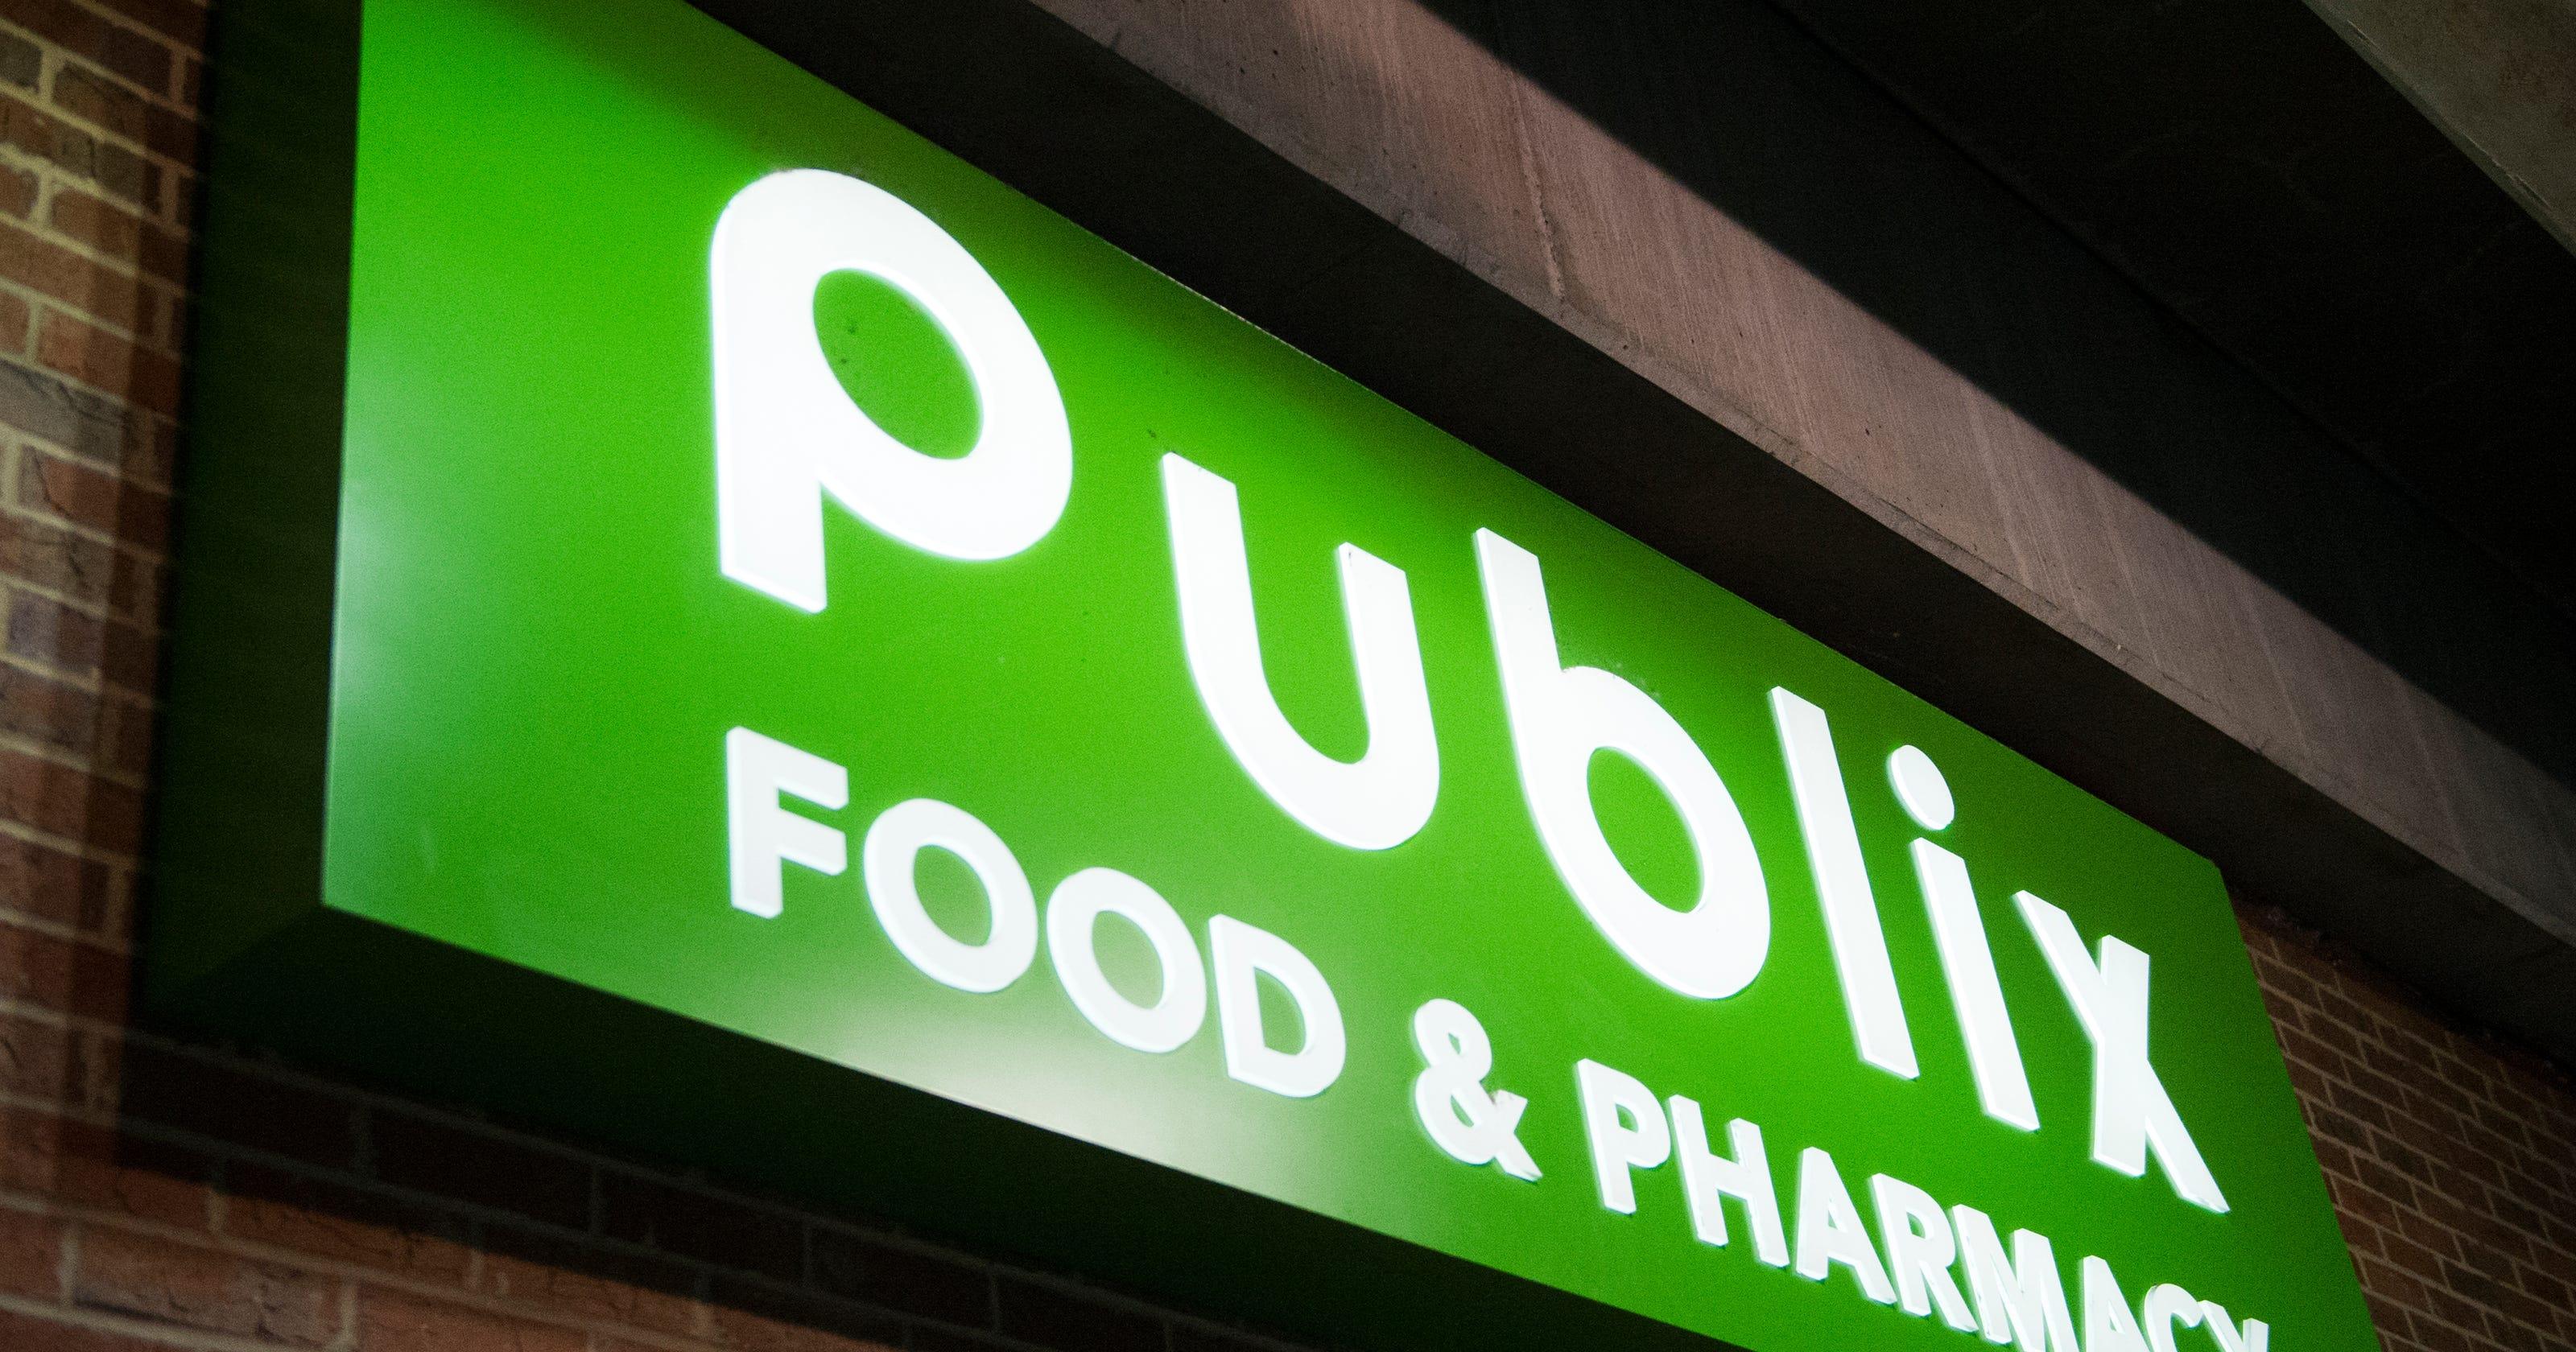 Publix: No more senior discount